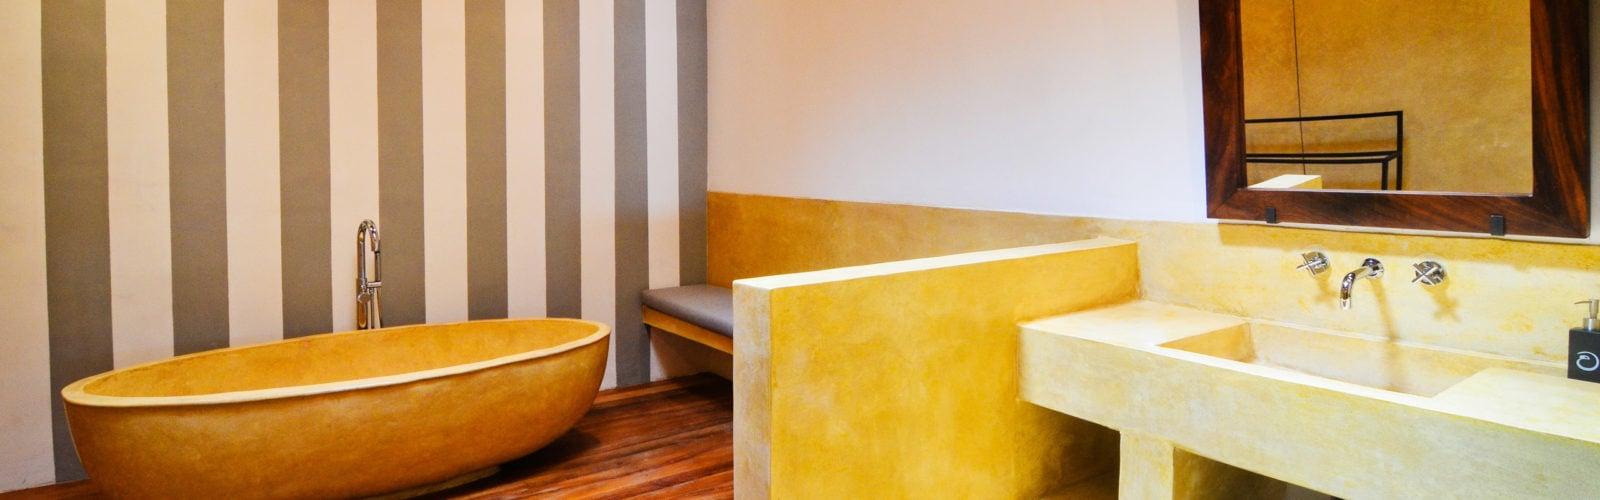 wallawwa-bathroom